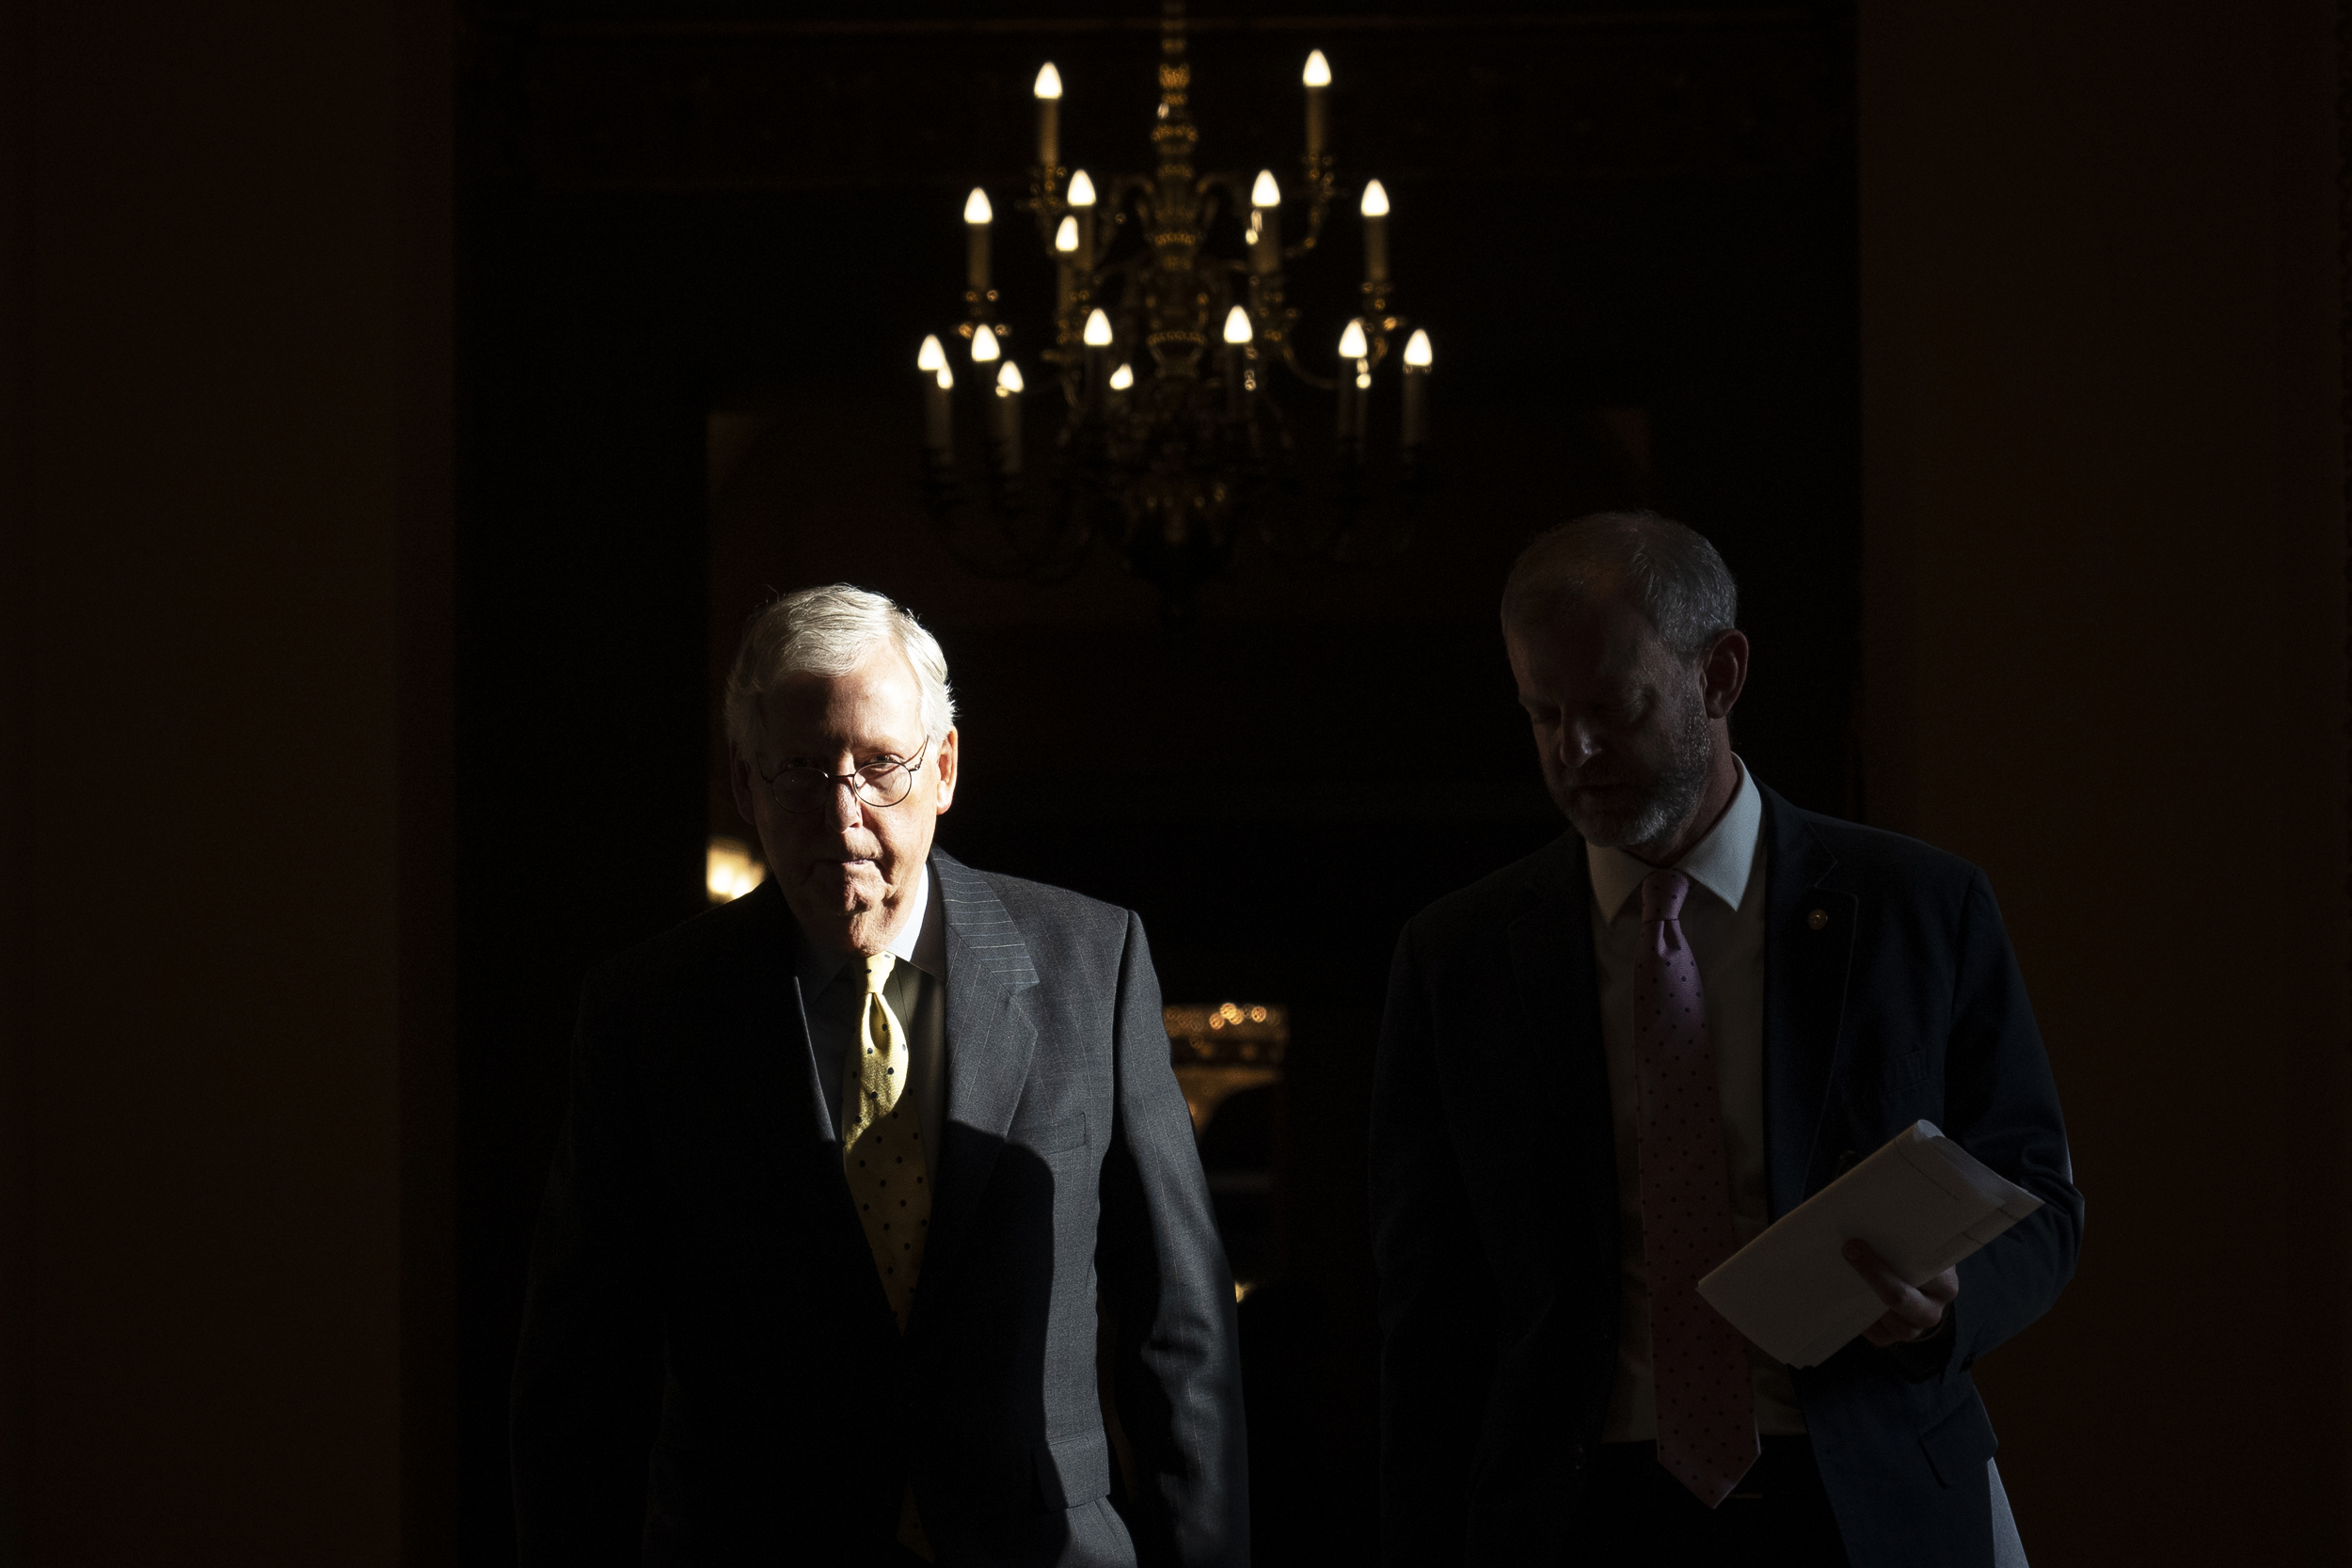 Debt limit showdown in Congress looms ahead of October deadline